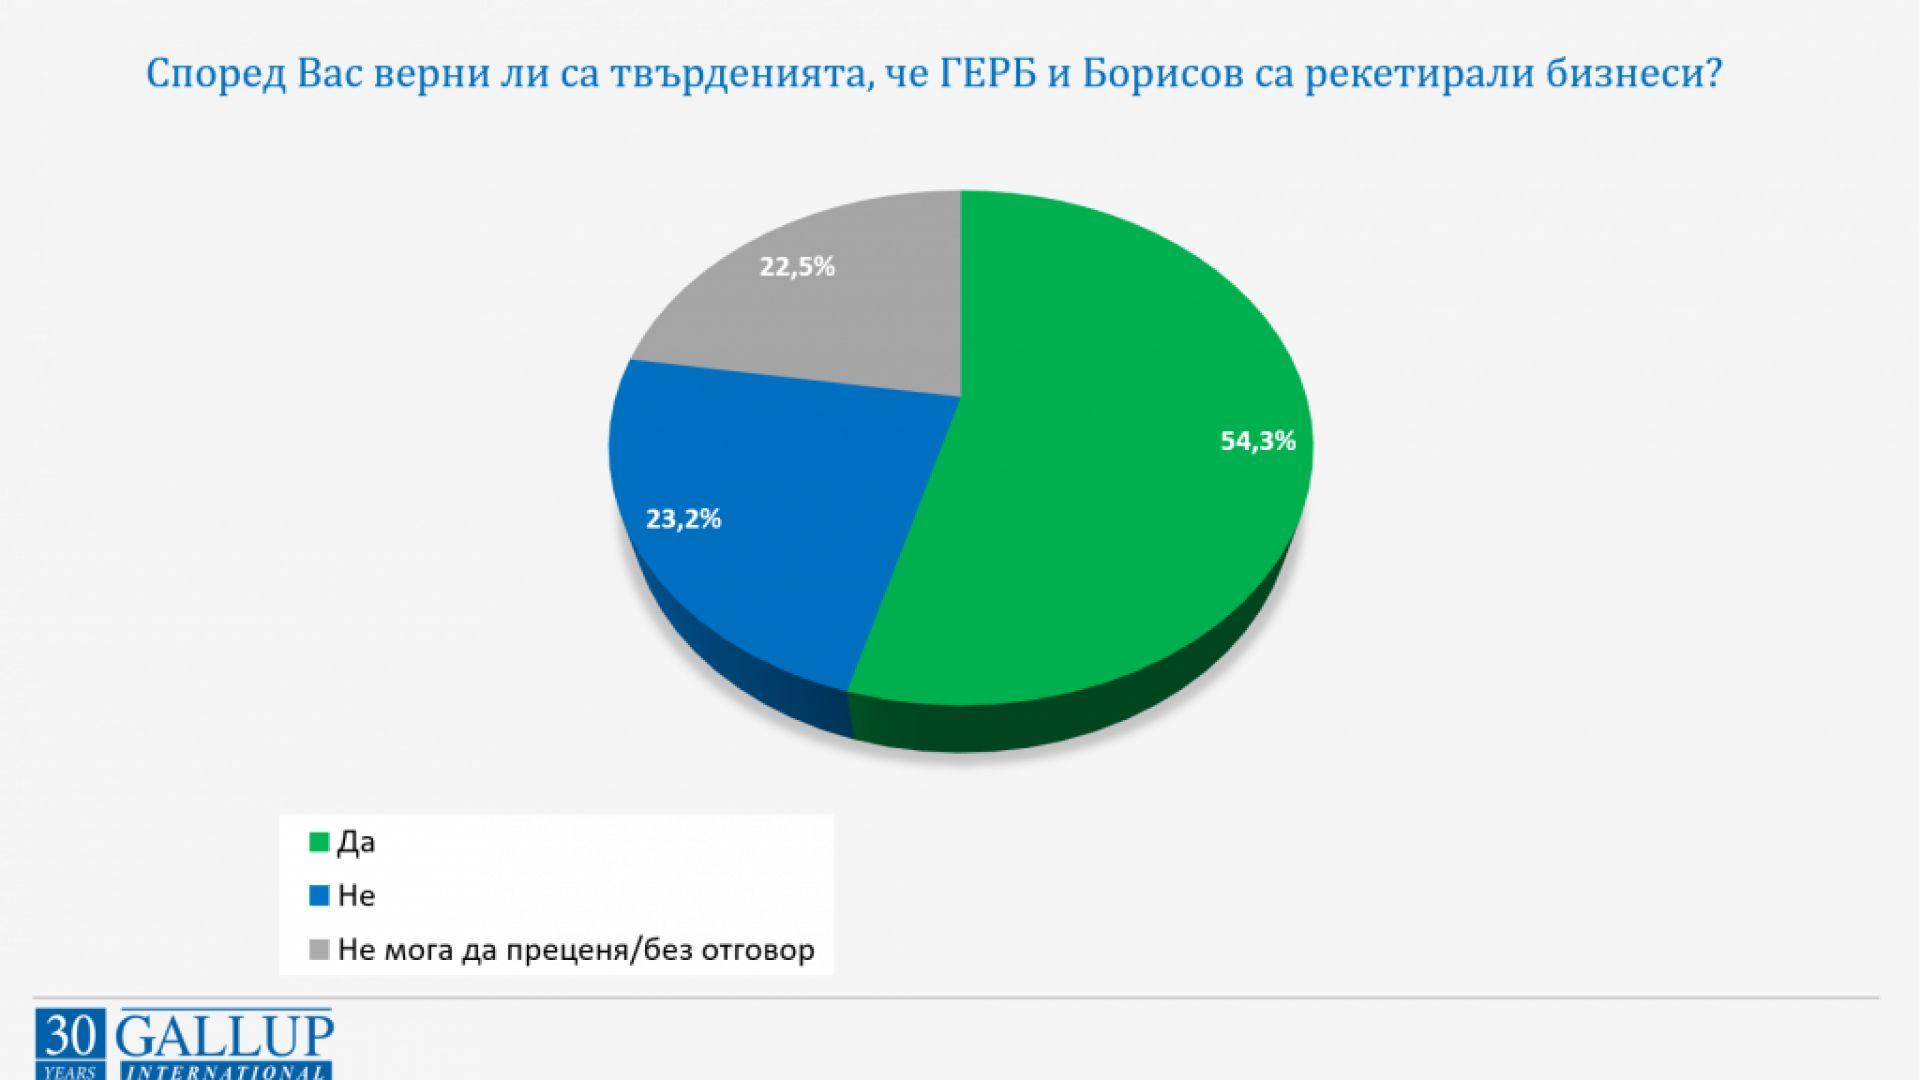 """""""Галъп"""": Повечето хора вярват, че ГЕРБ и Борисов се рекетирали бизнеси, но не са доволни от Трифонов след вота"""